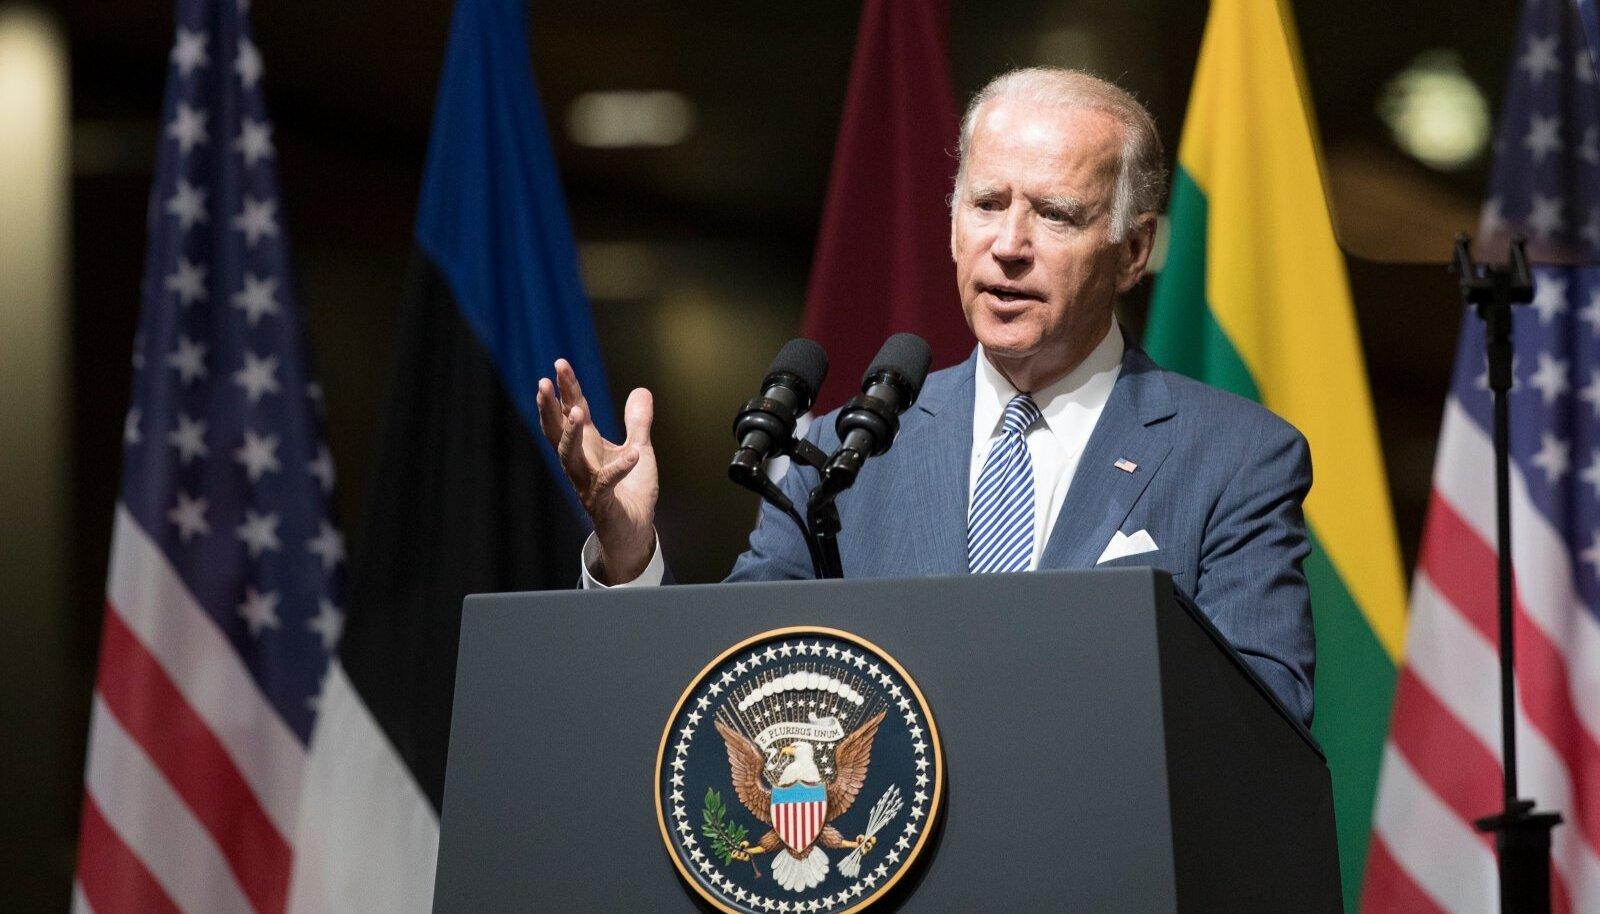 USA president Joe Biden.